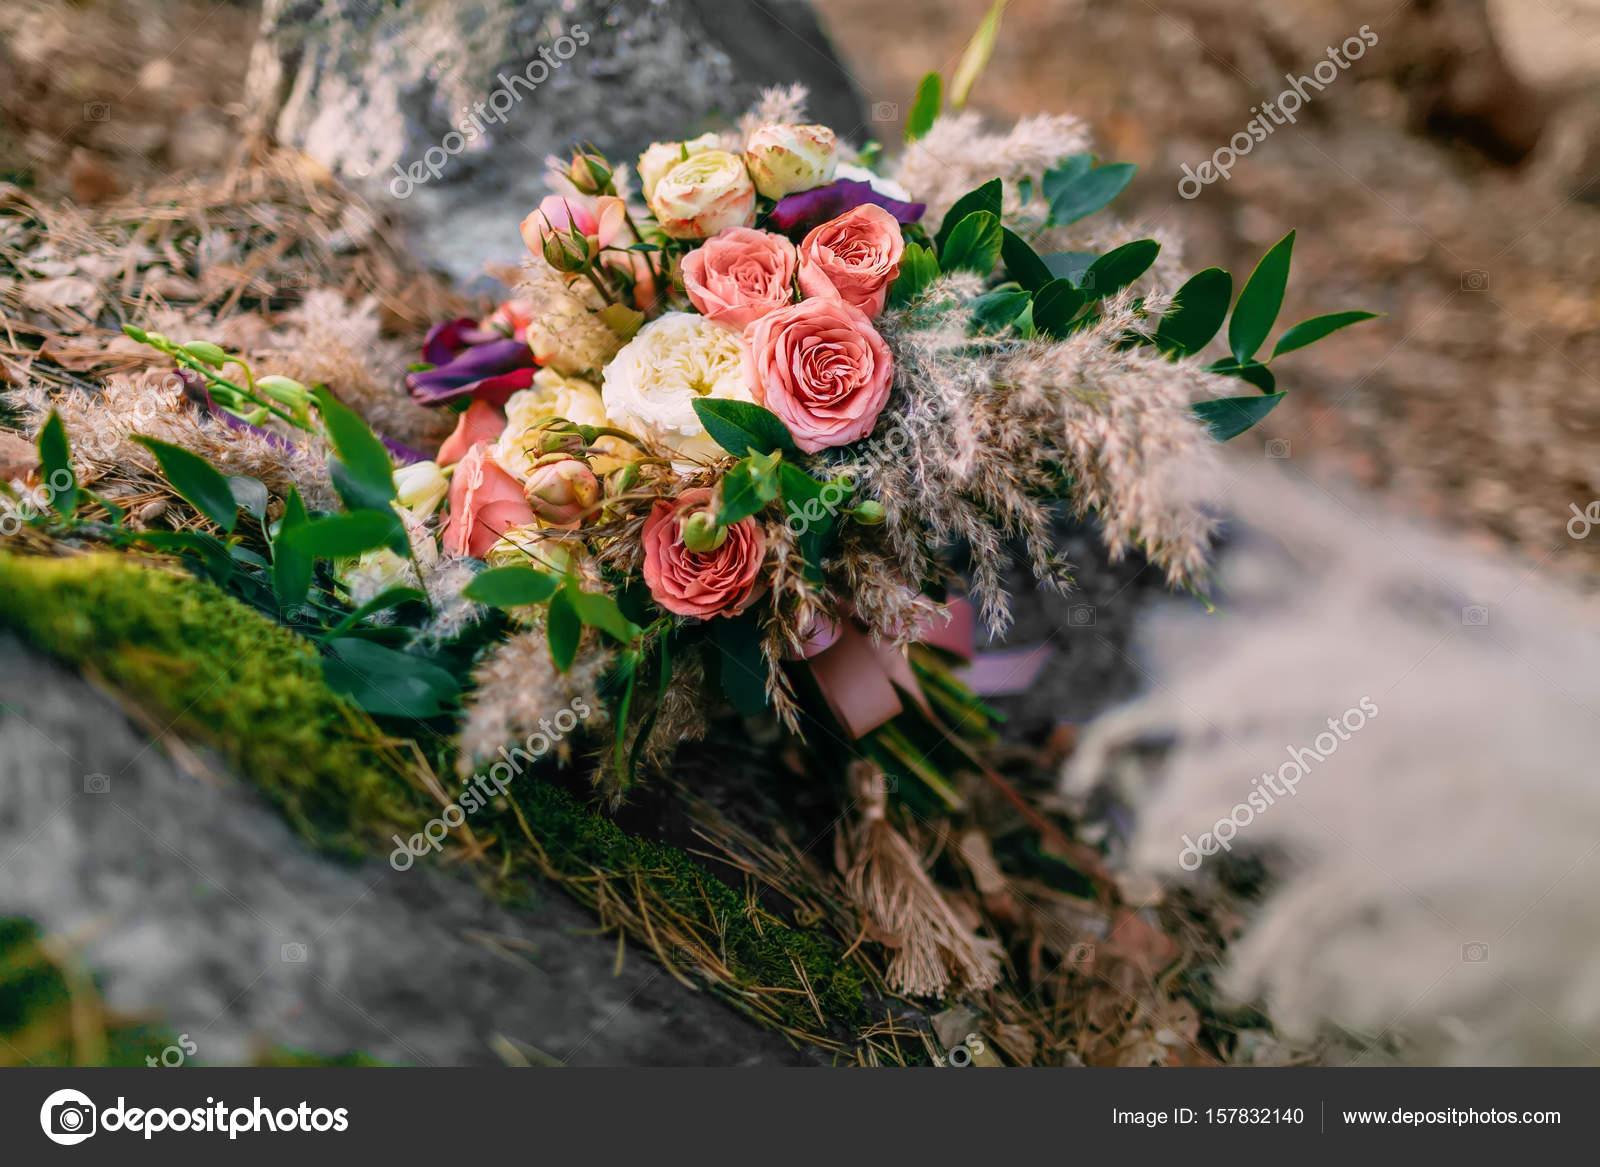 Schone Hochzeit Bouquet Bestehend Aus Verschiedenen Blumen Auf Einem